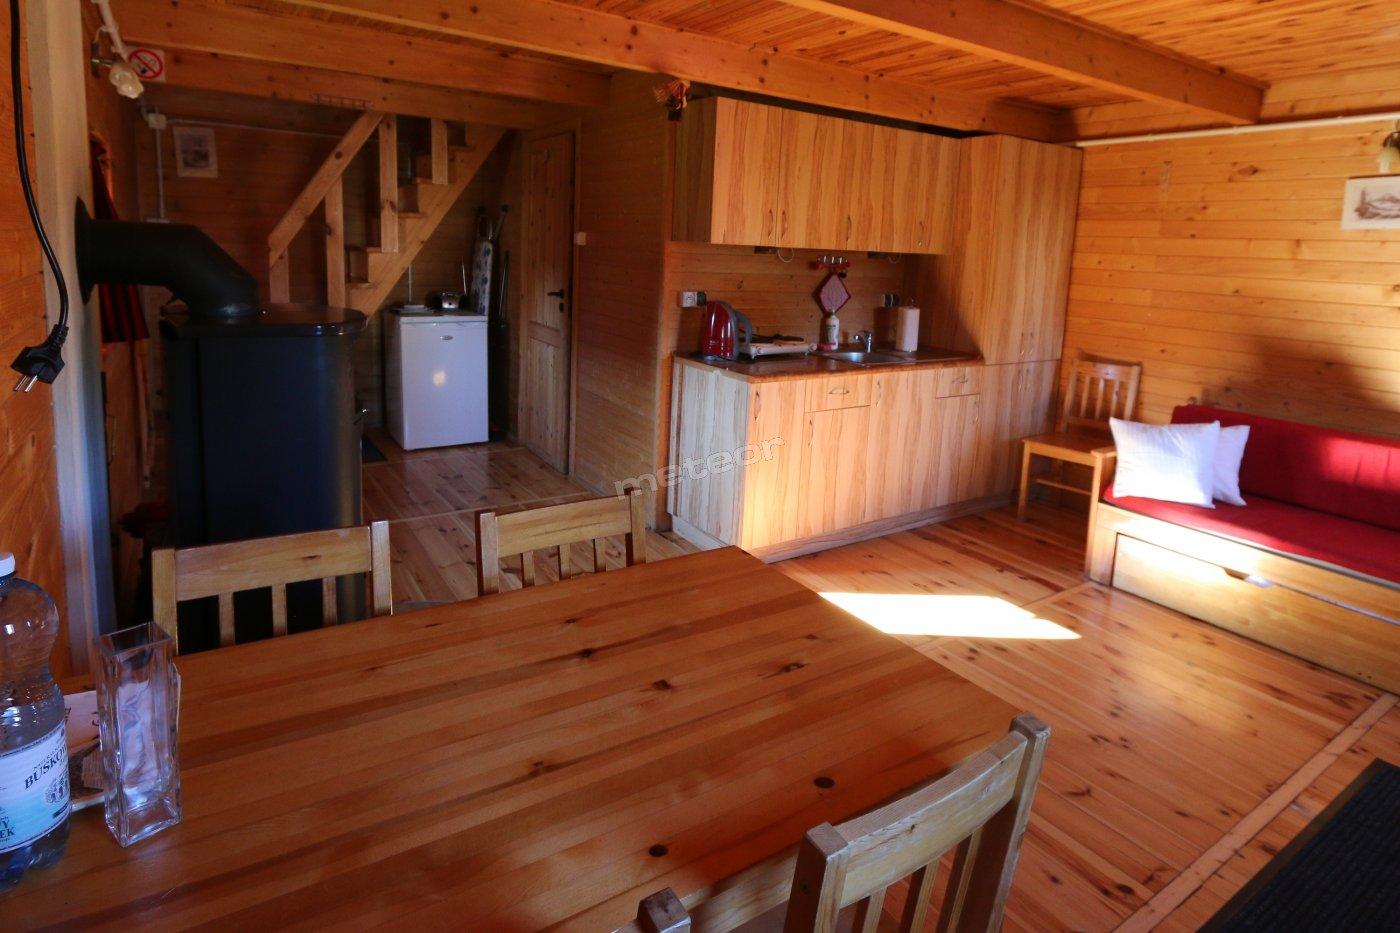 domek piętrowy z sauną i kominkiem